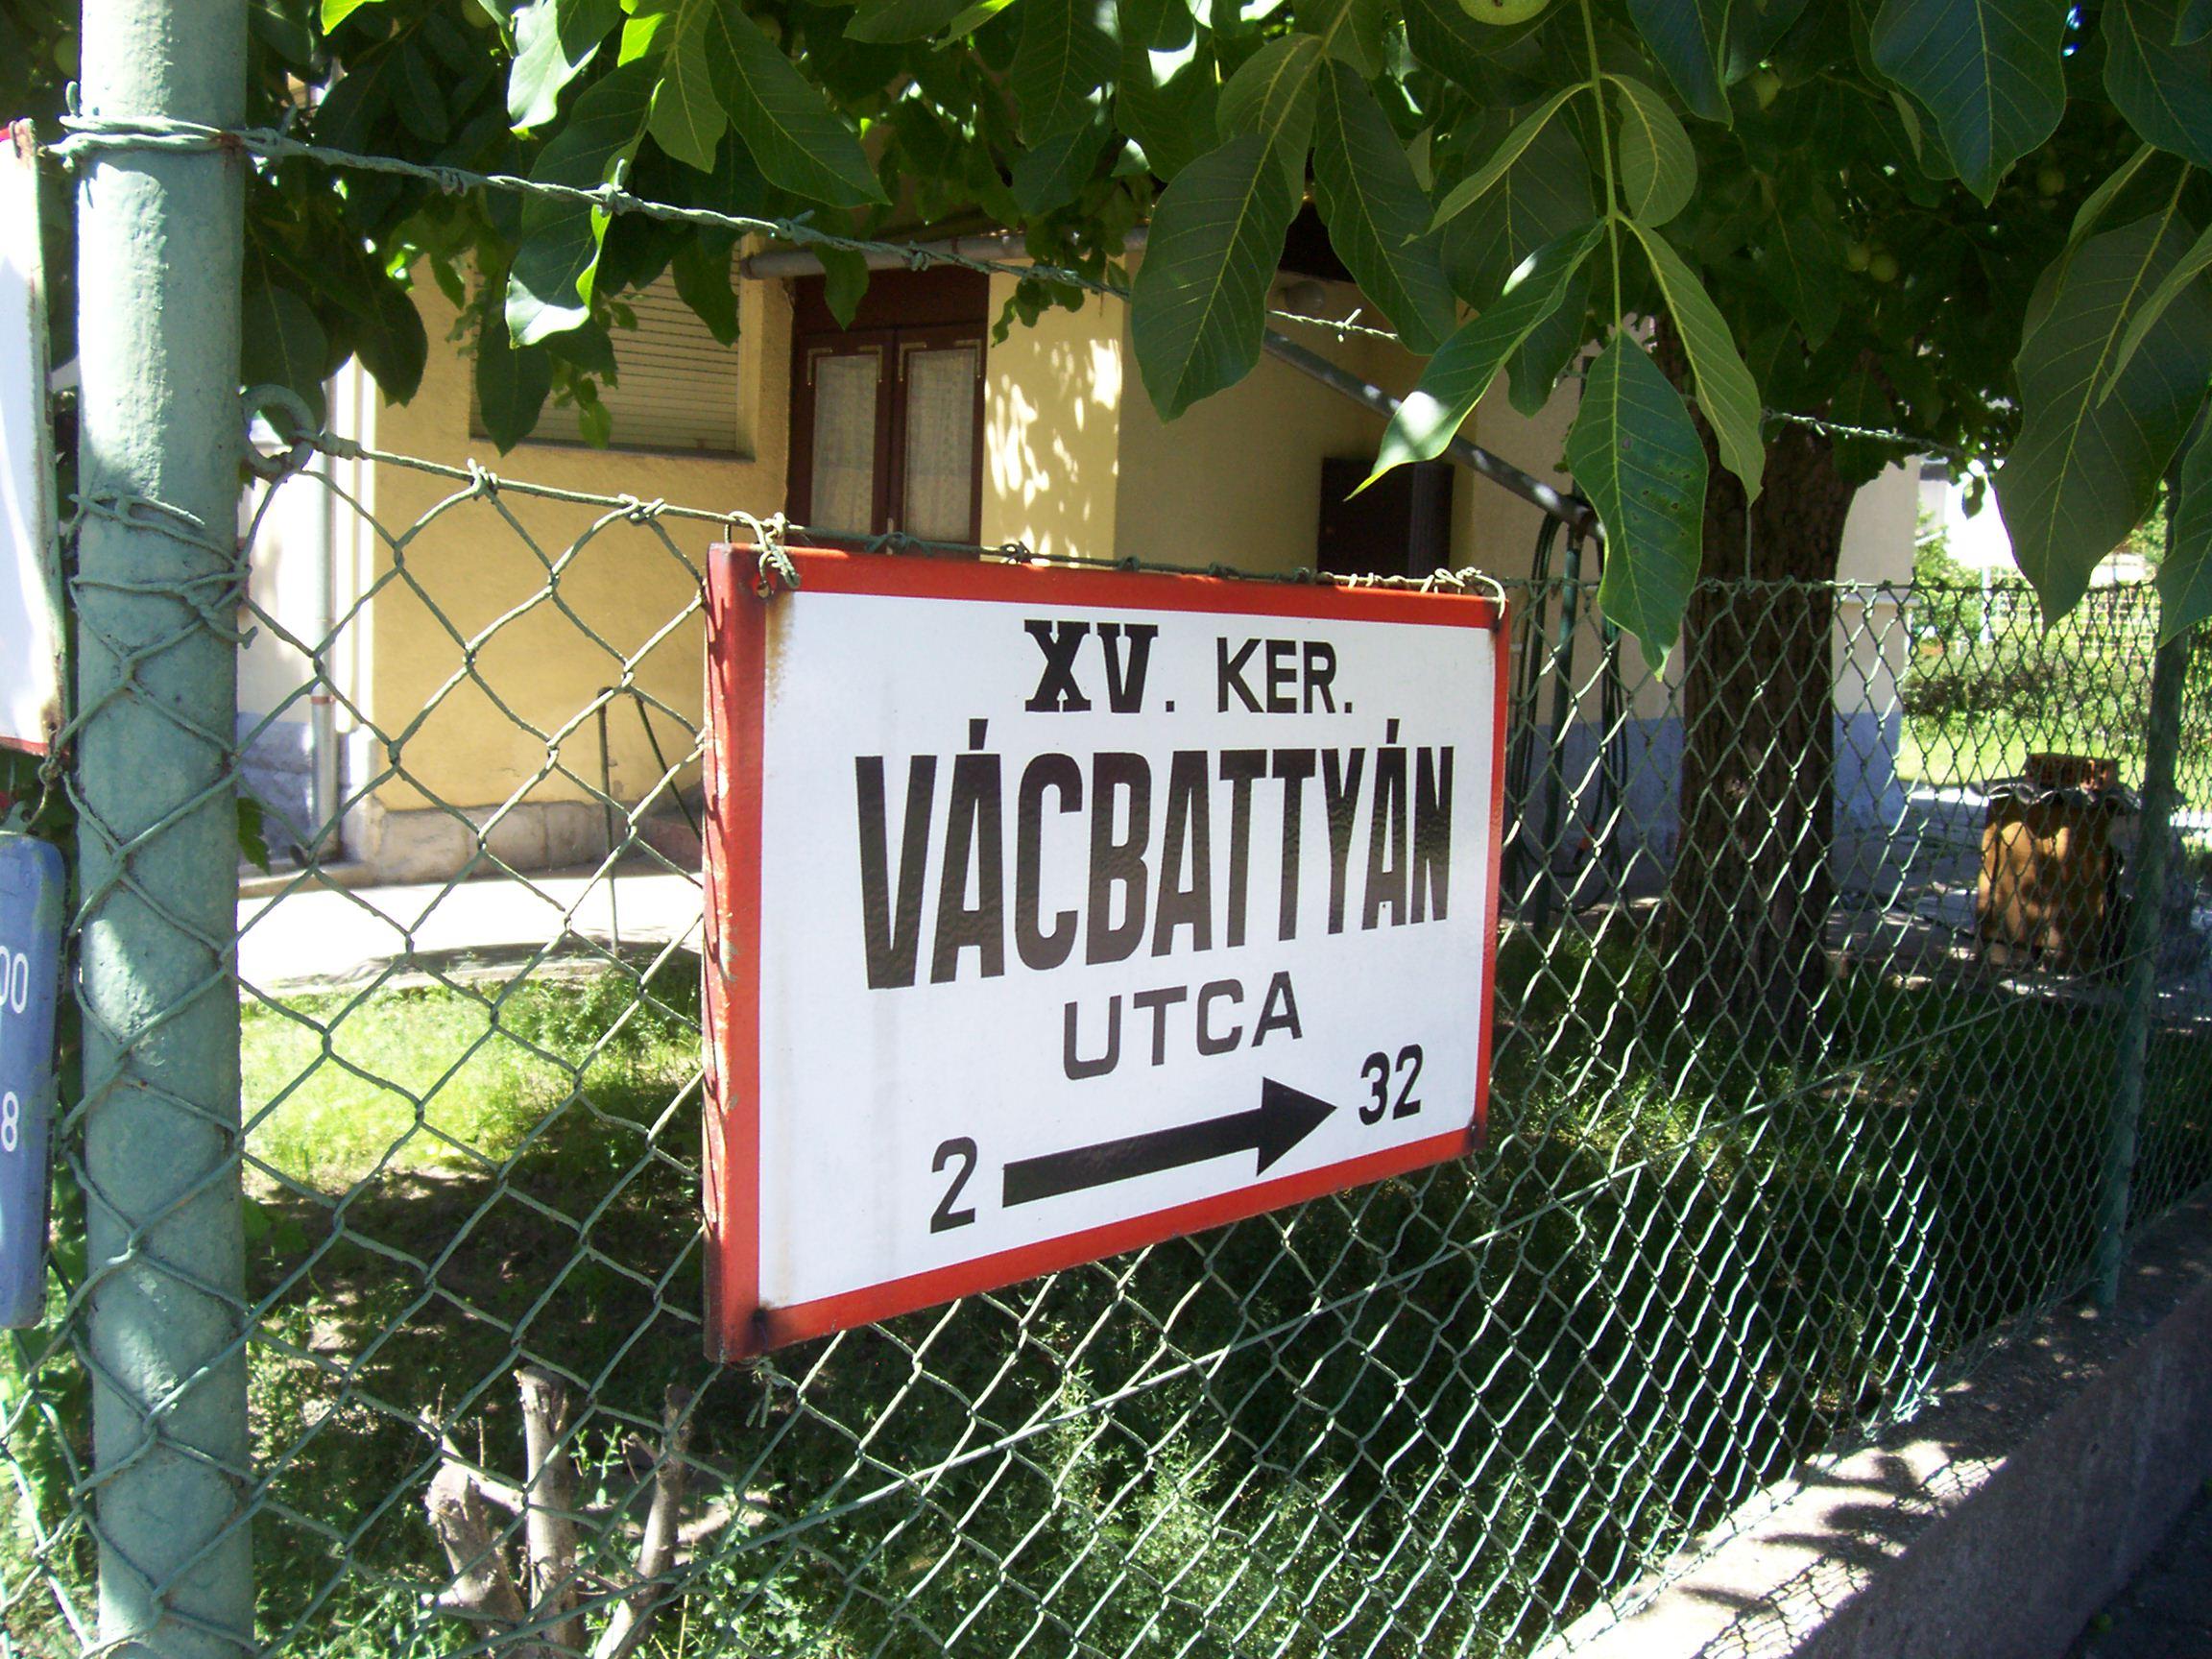 Vácbattyán - Palotabarát fotója.jpg